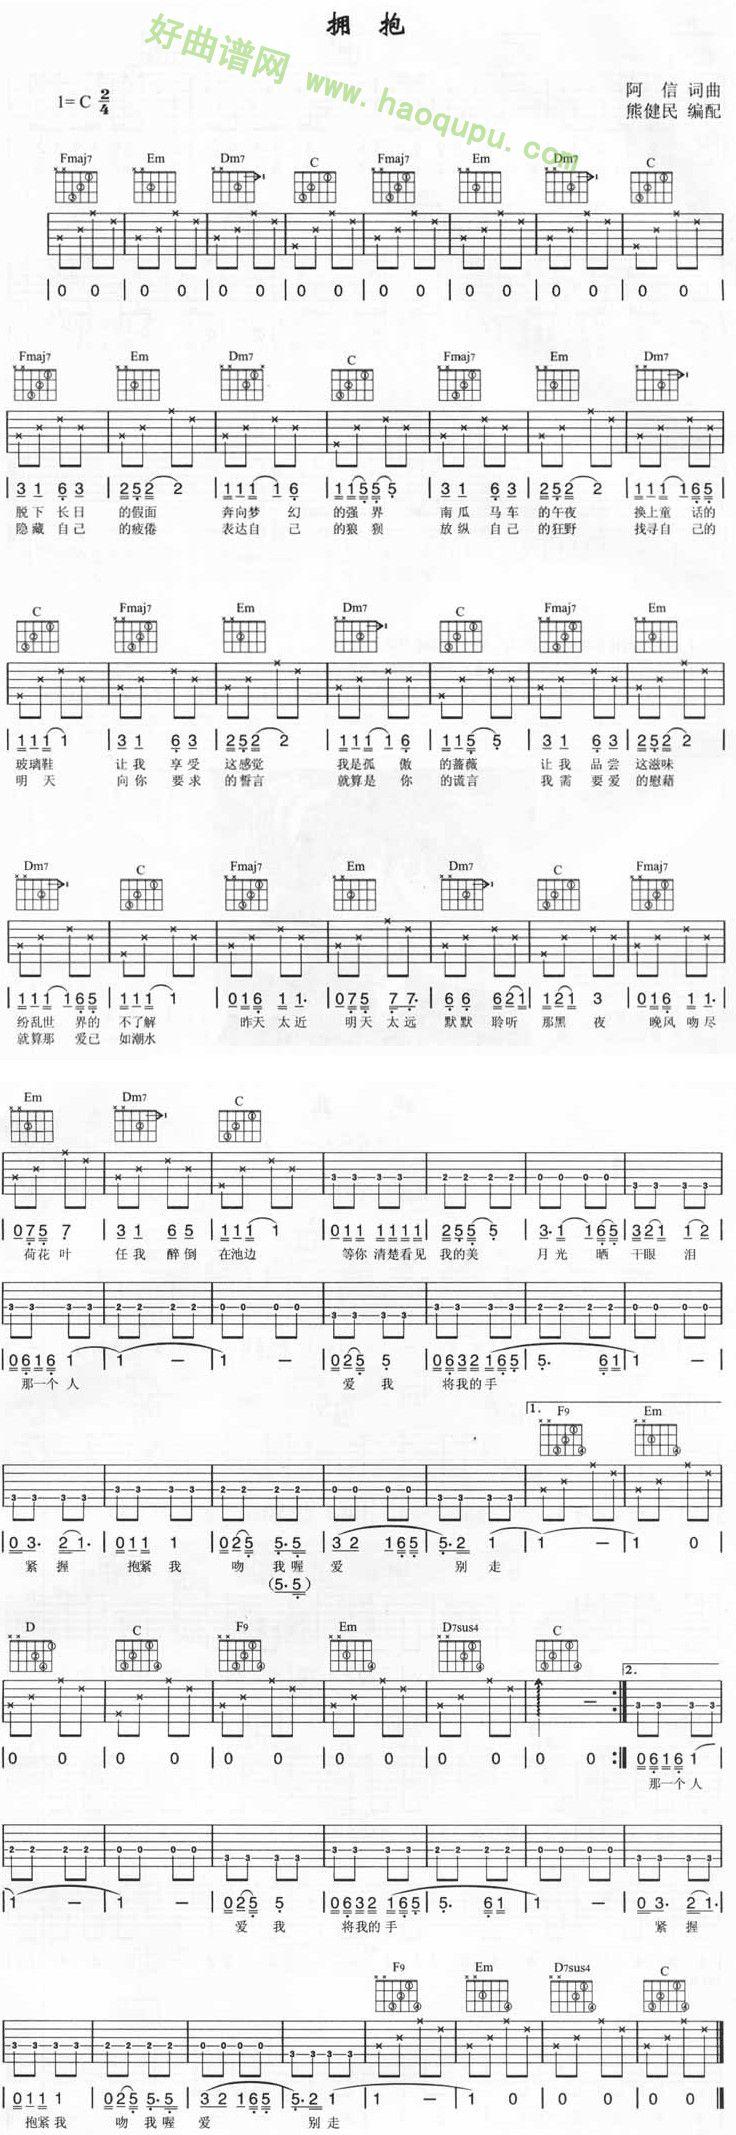 谁能理解歌谱-拥抱曲谱-懂吉他谱的朋友们进